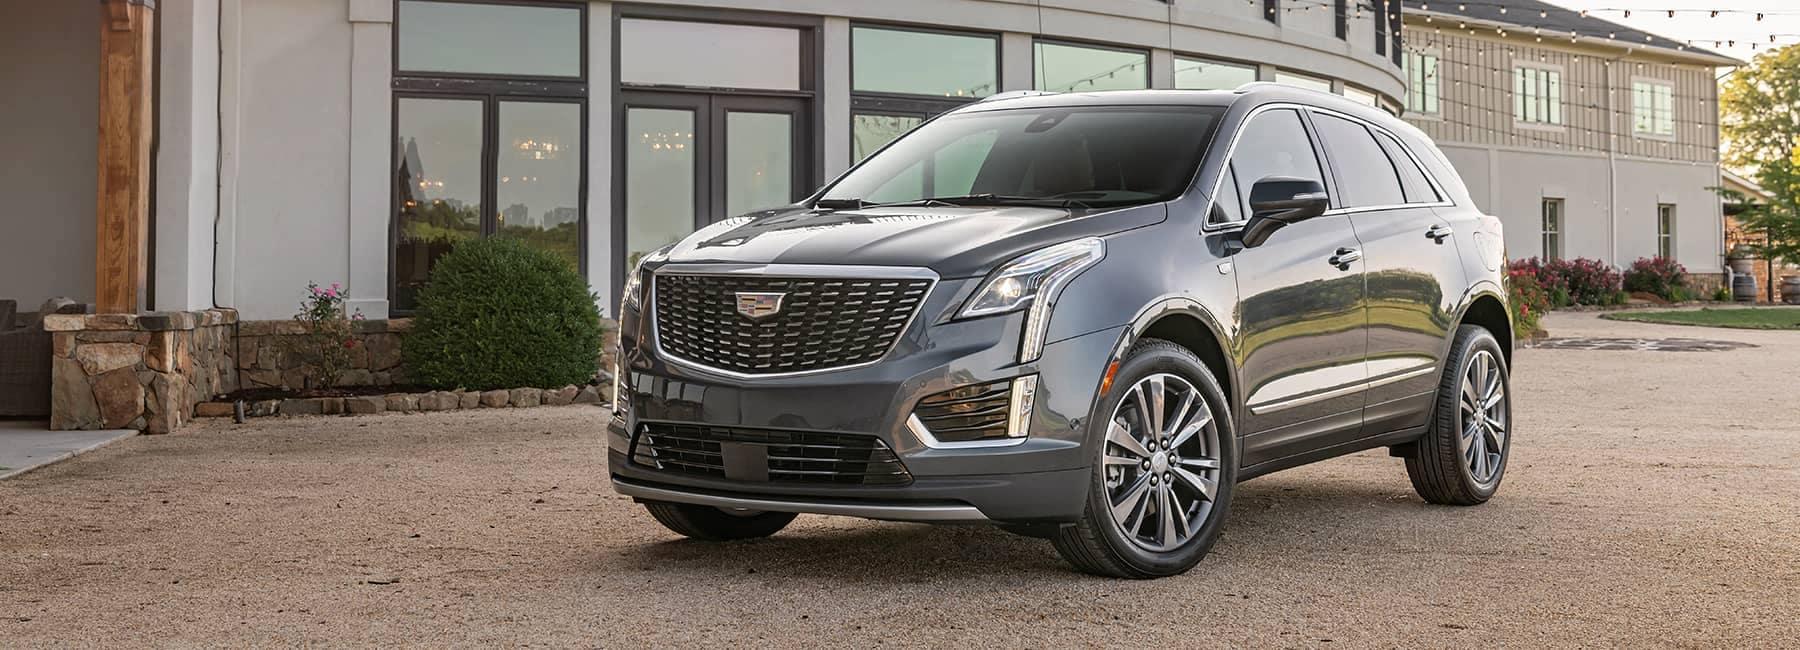 Cadillac parked at an angle